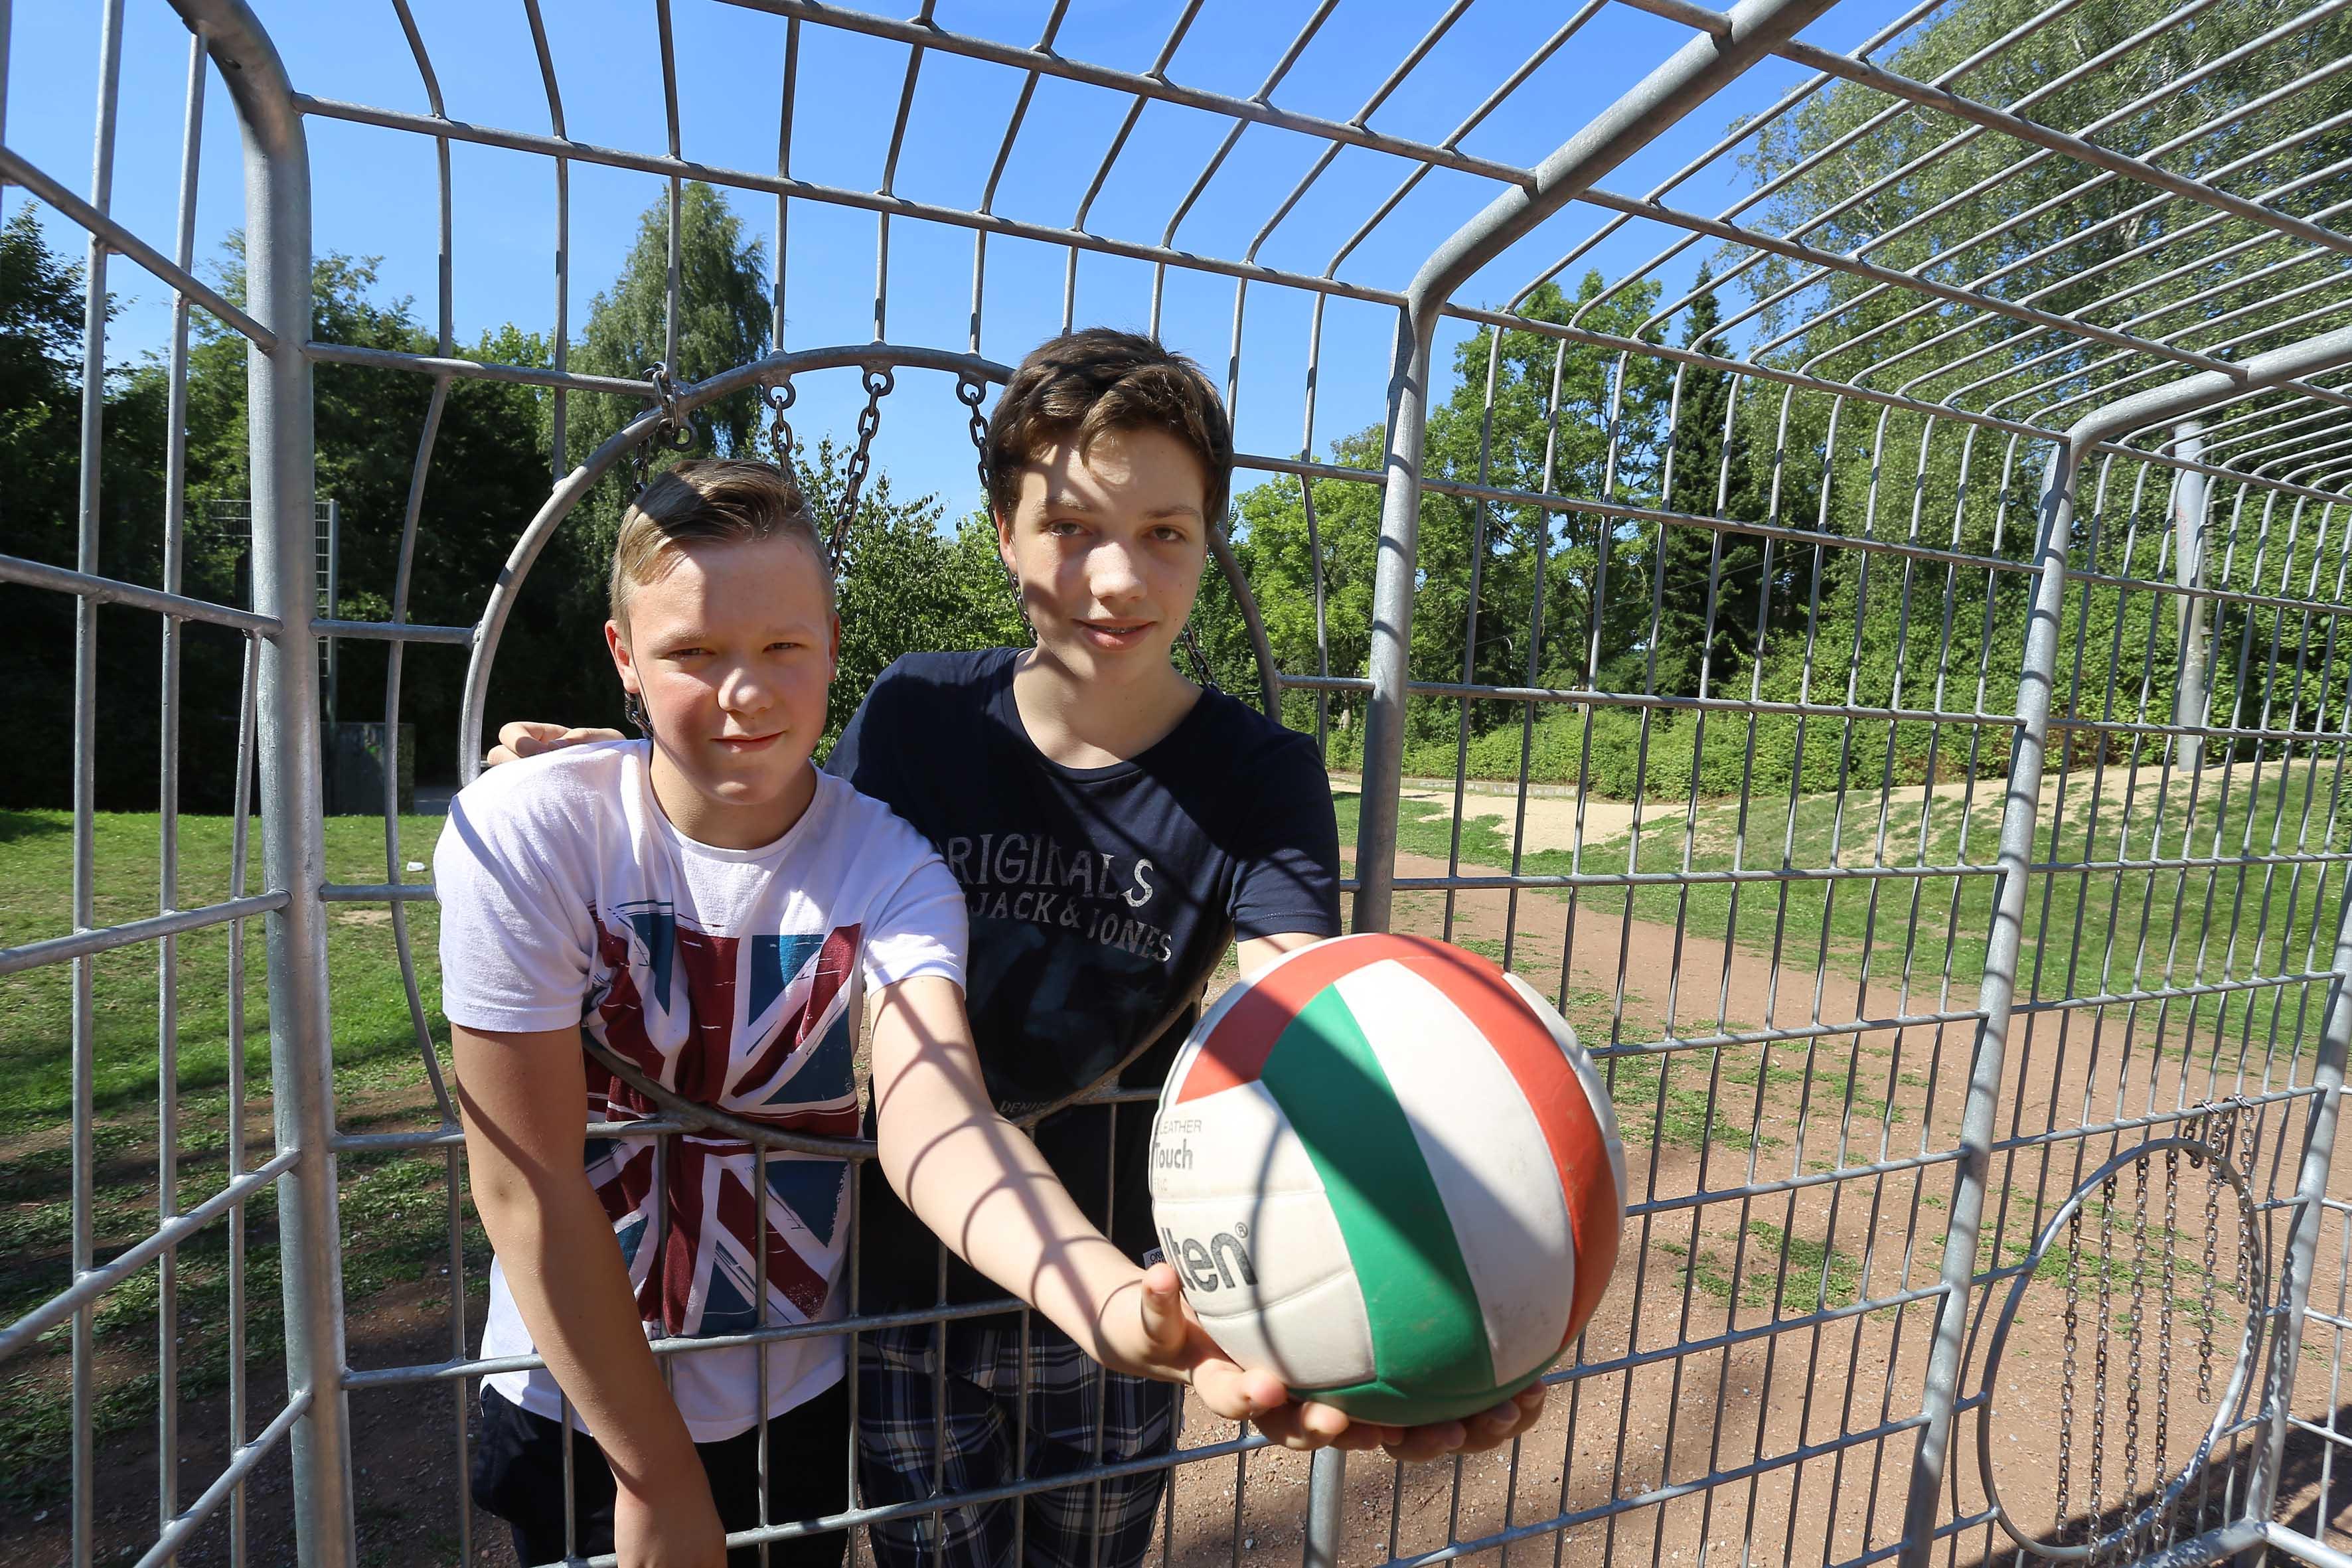 Die jungen Besucher des Spielplatzes Kempener Allee freuen sich über die neu aufgestellte Torwand. (Foto: Stadt Krefeld, Presse und Kommunikation)